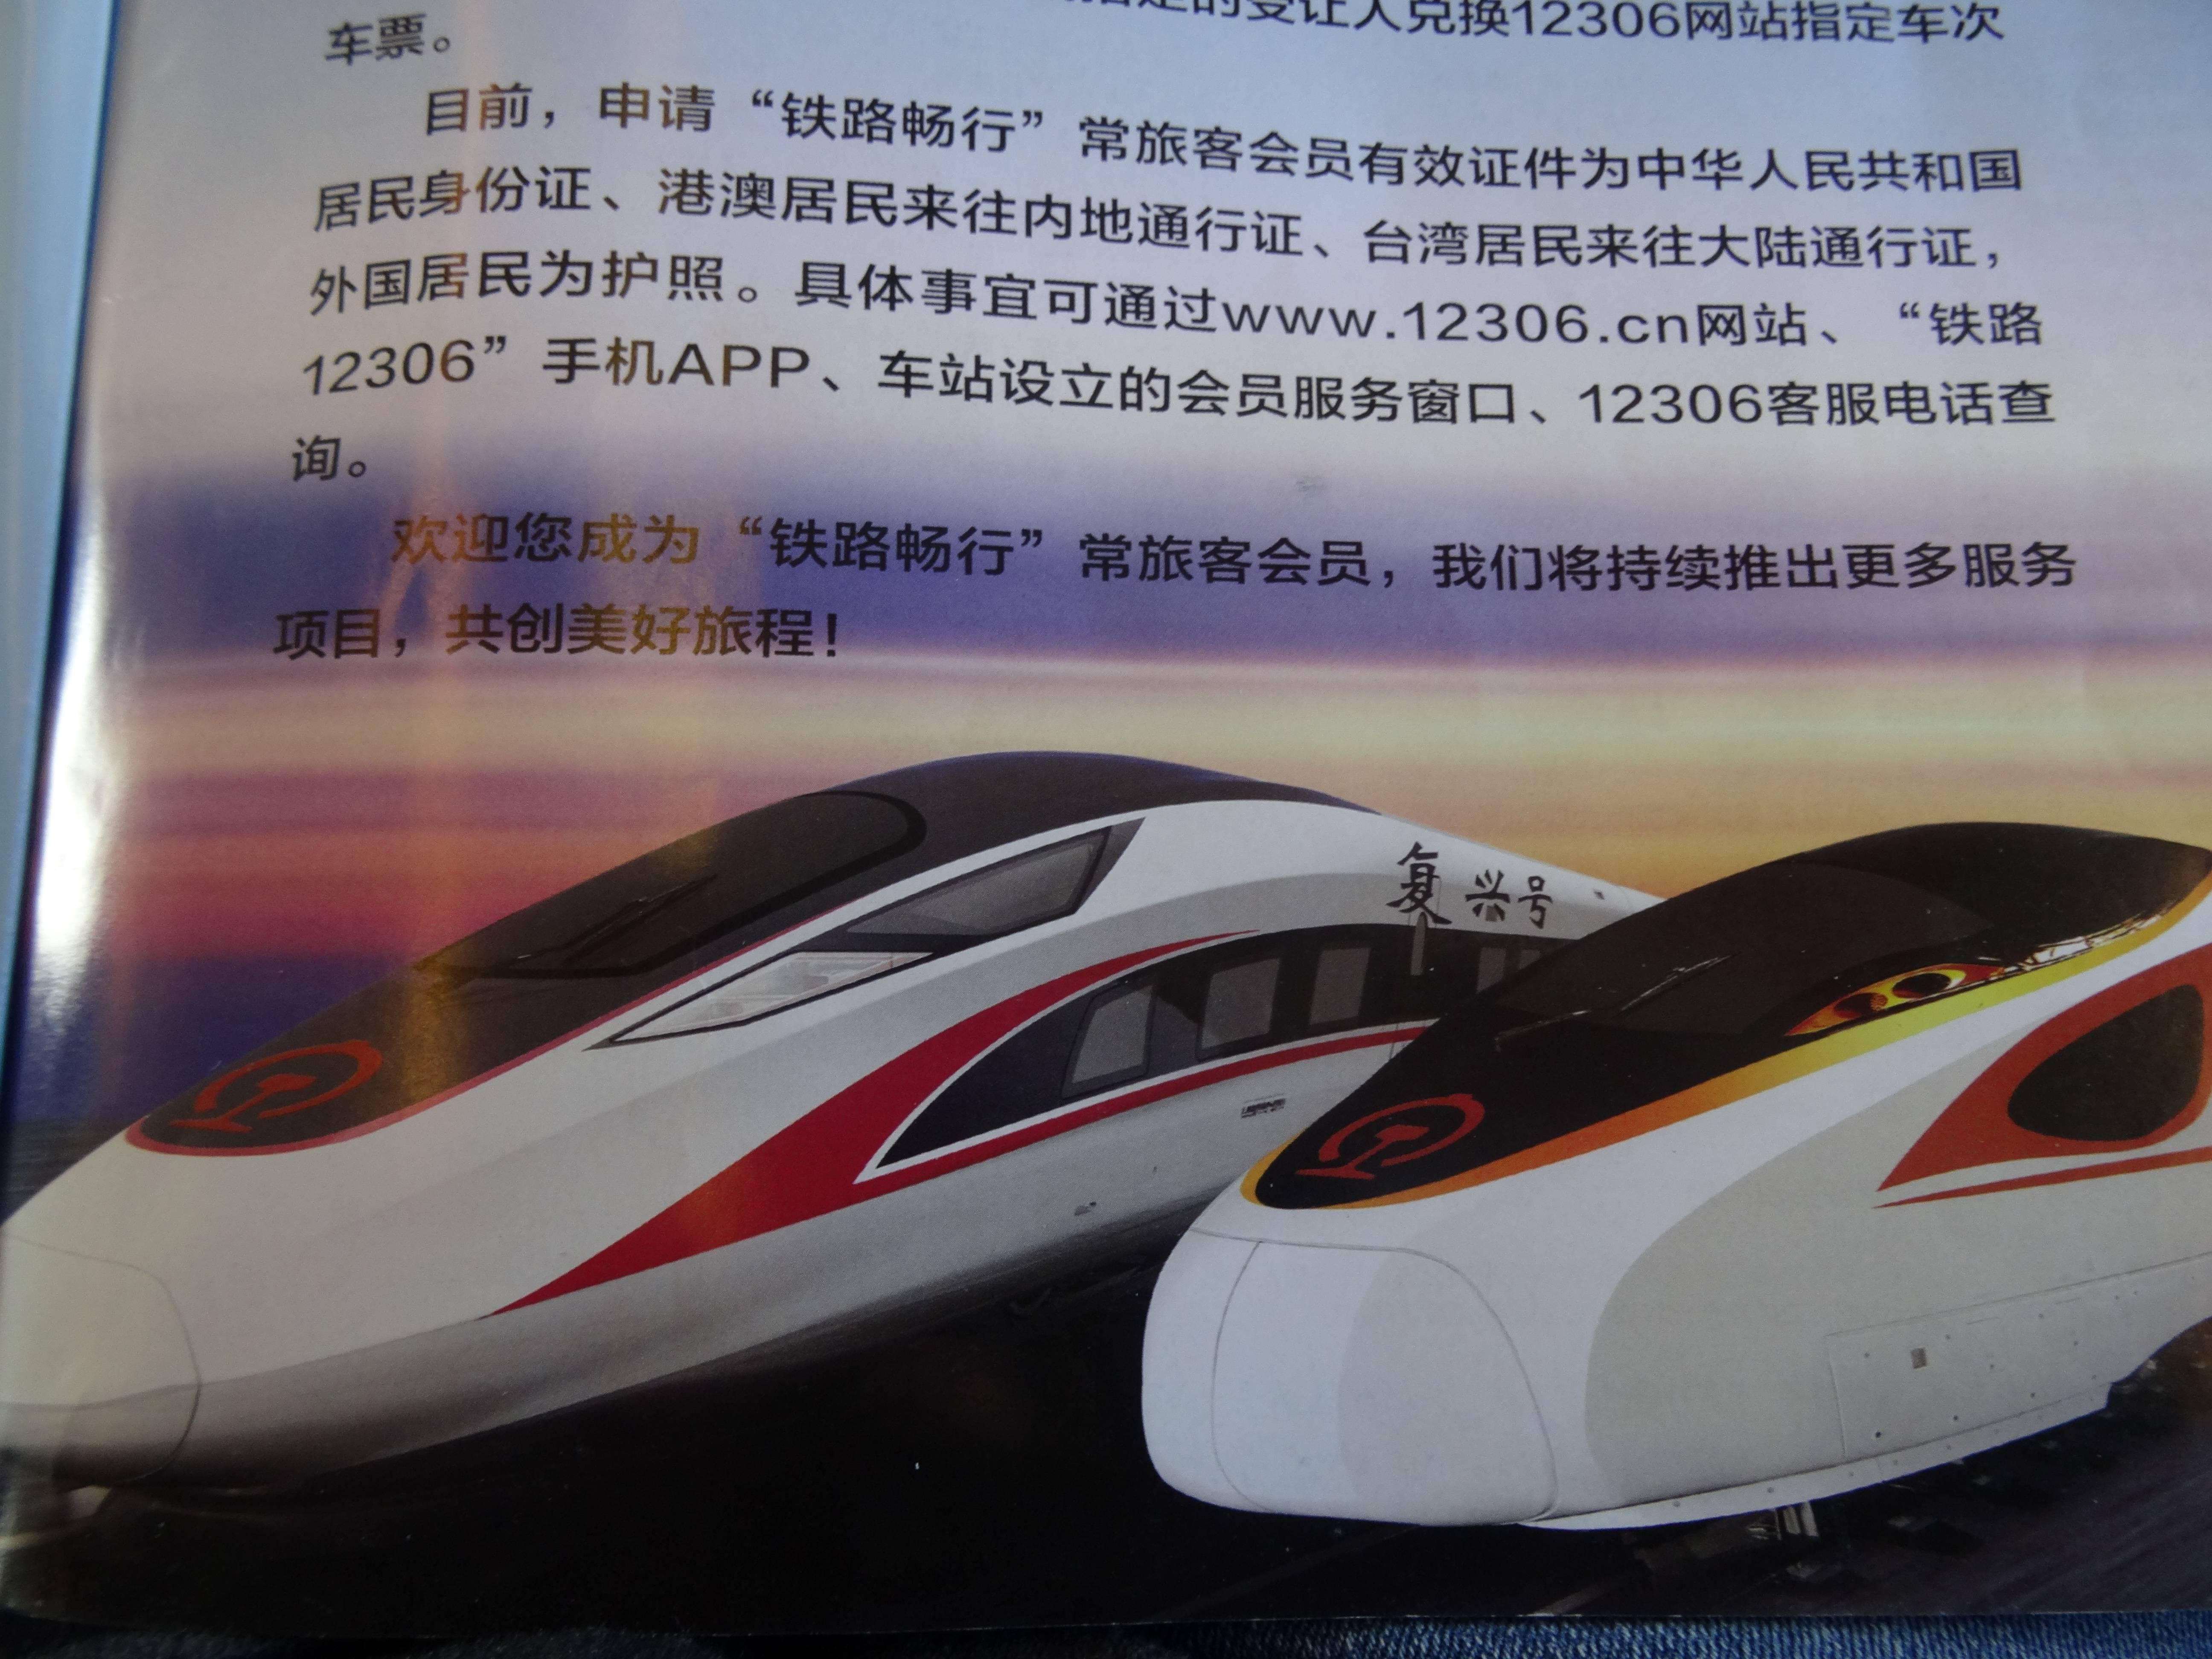 Photo 3: Nous prenons le TGV en Chine...